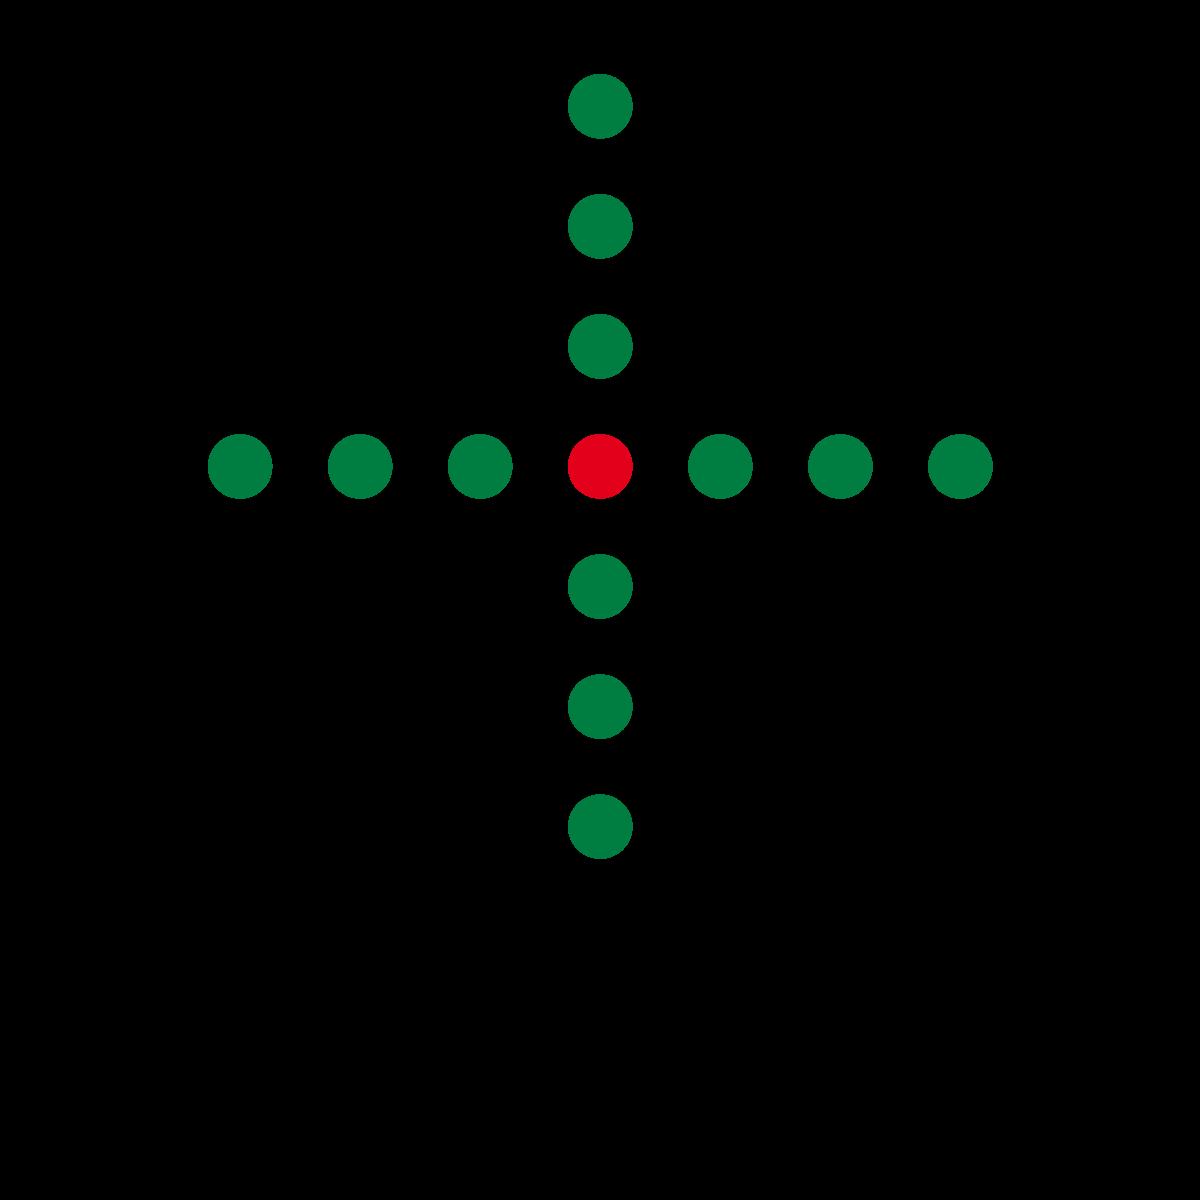 Beauftragte*r für den kirchlichen Entwicklungsdienst (KED)